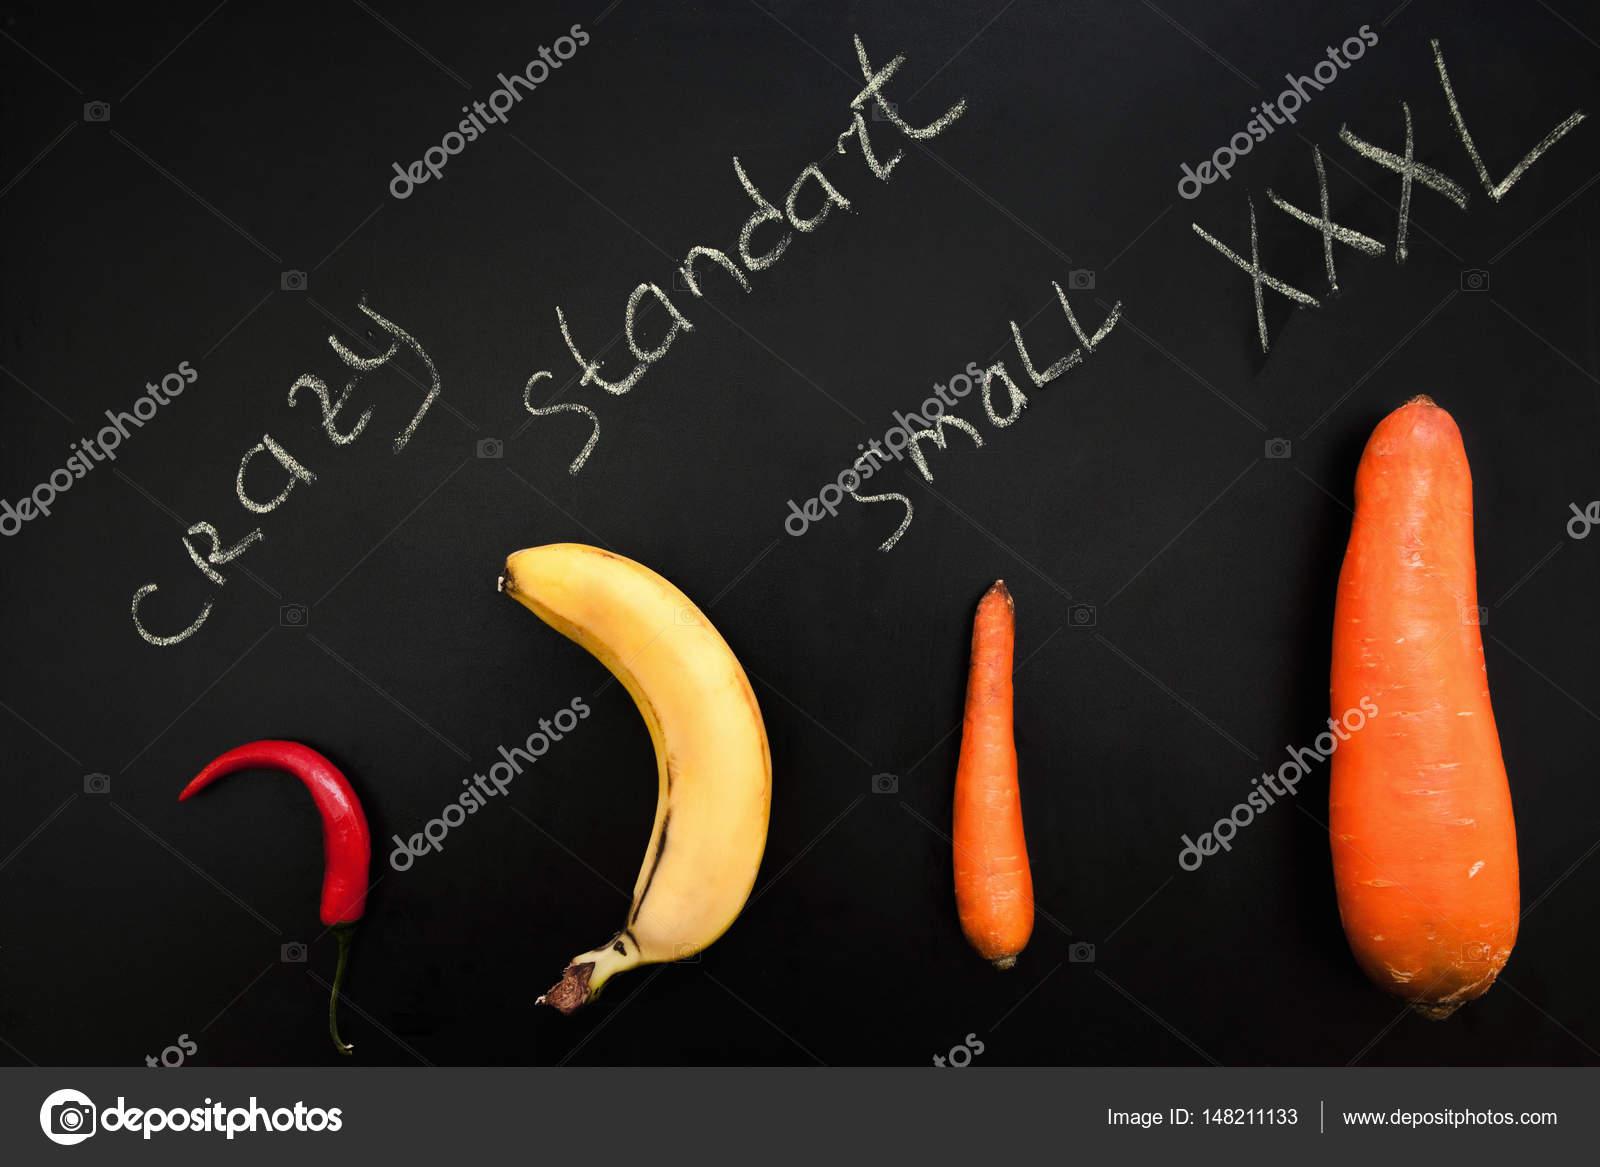 Овощи фрукты похожие на член мужчины